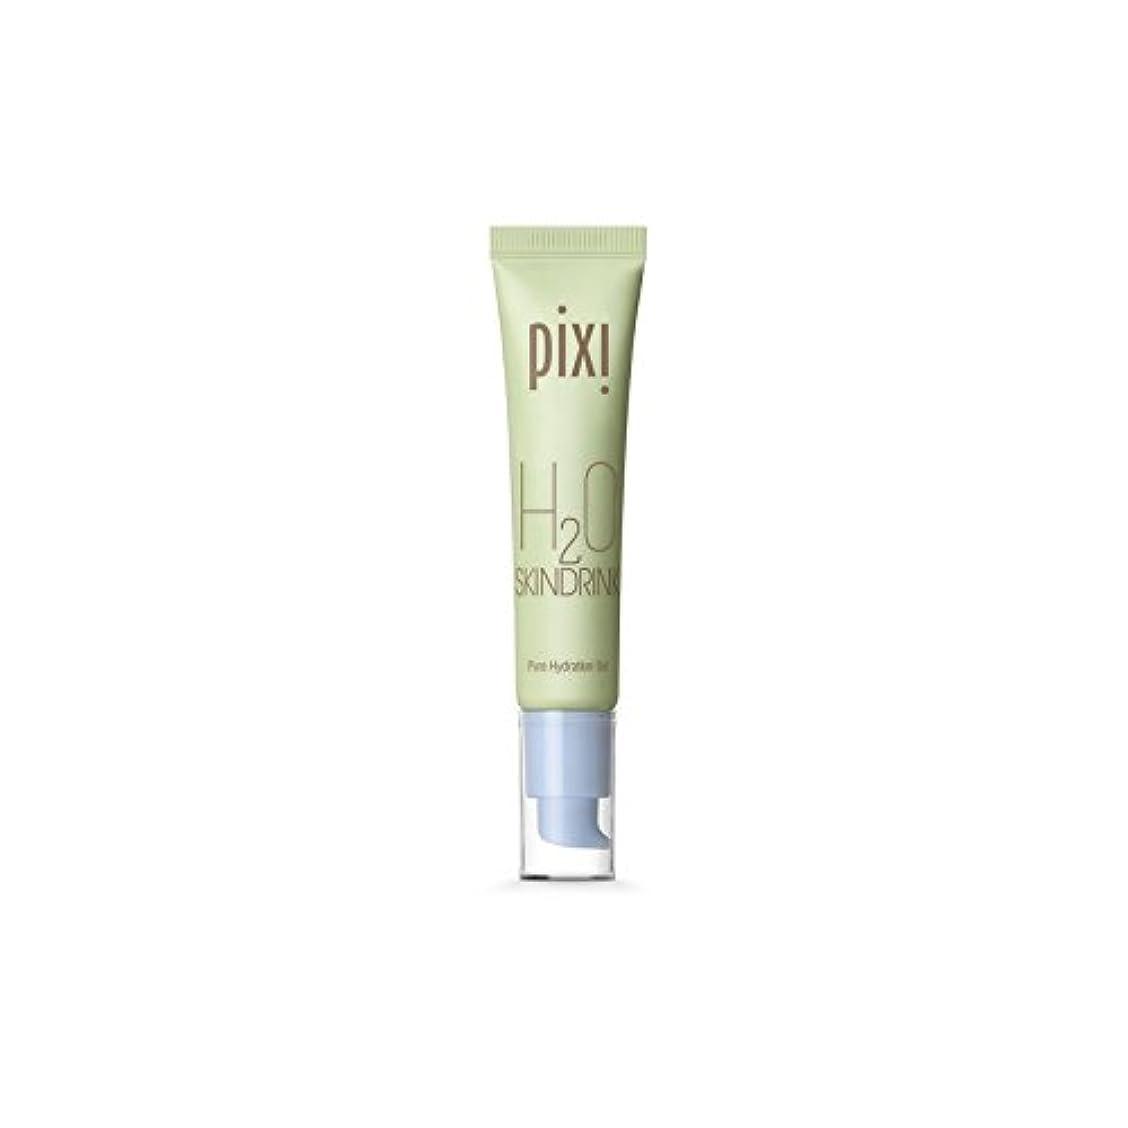 心理的に殺す平方20スキンドリンク x2 - Pixi H20 Skin Drink (Pack of 2) [並行輸入品]